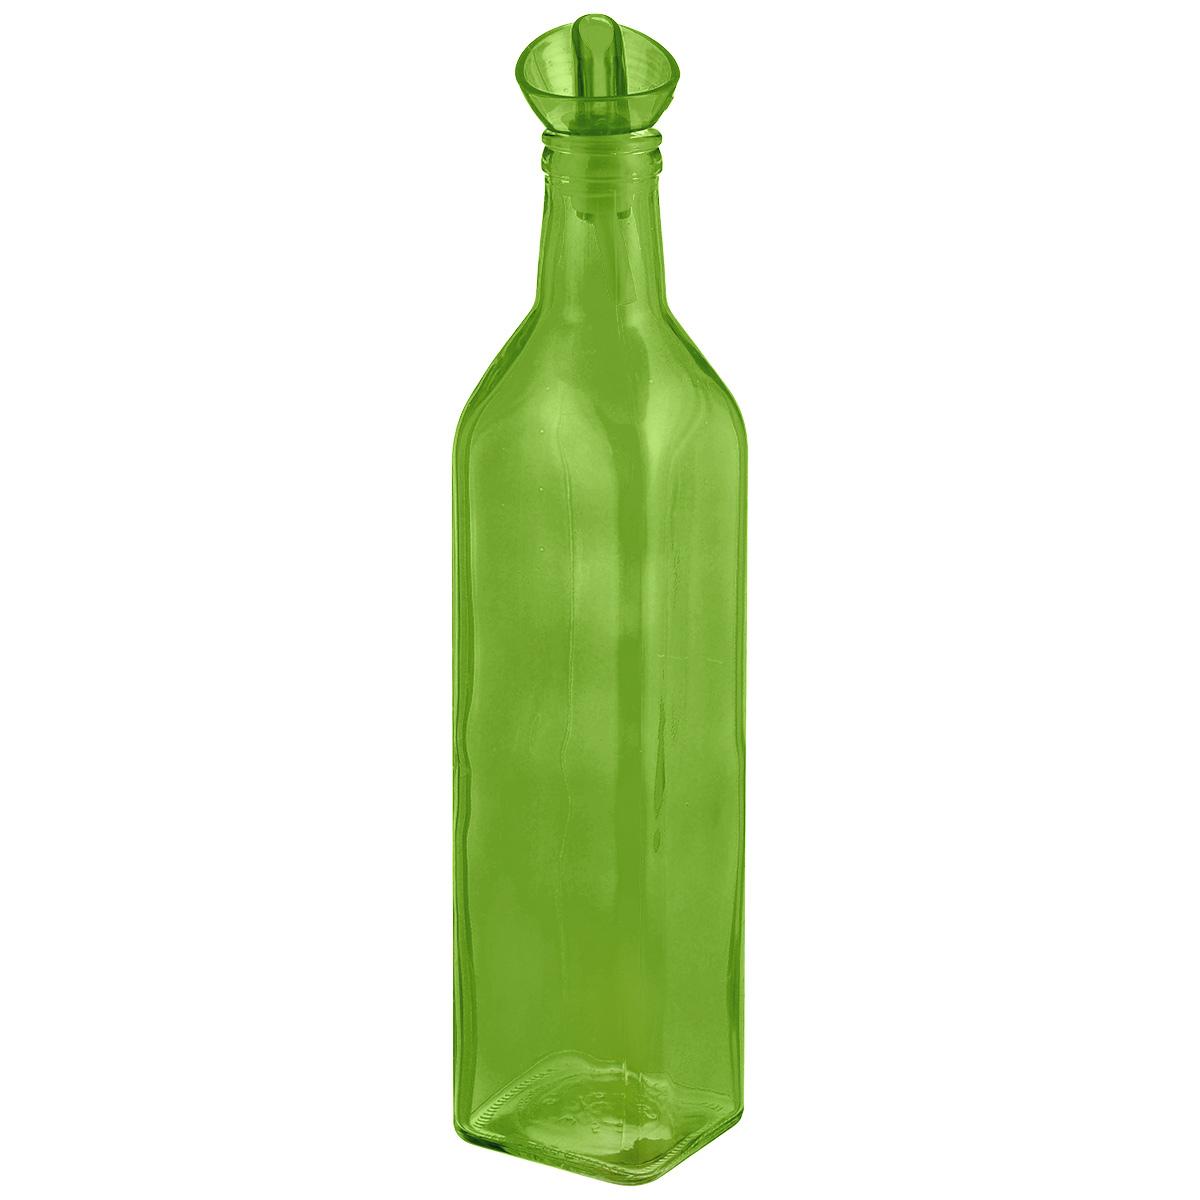 Емкость для масла Herevin, цвет: зеленый, 500 мл151430-000_зеленыйЕмкость Herevin, выполненная из цветного стекла, позволит украсить любую кухню, внеся разнообразие, как в строгий классический стиль, так и в современный кухонный интерьер. Она легка в использовании, стоит только перевернуть ее, и вы с легкостью сможете добавить оливковое, подсолнечное масло, уксус или соус. Емкость оснащена пластиковой пробкой с дозатором. Благодаря этому внутри сохраняется герметичность, и масло дольше остается свежим. Оригинальная, квадратная емкость для масла и уксуса будет отлично смотреться на вашей кухне. Объем: 500 мл. Диаметр (по верхнему краю): 2,5 см. Размер основания: 6 см х 6 см. Высота емкости (без учета крышки): 24 см.